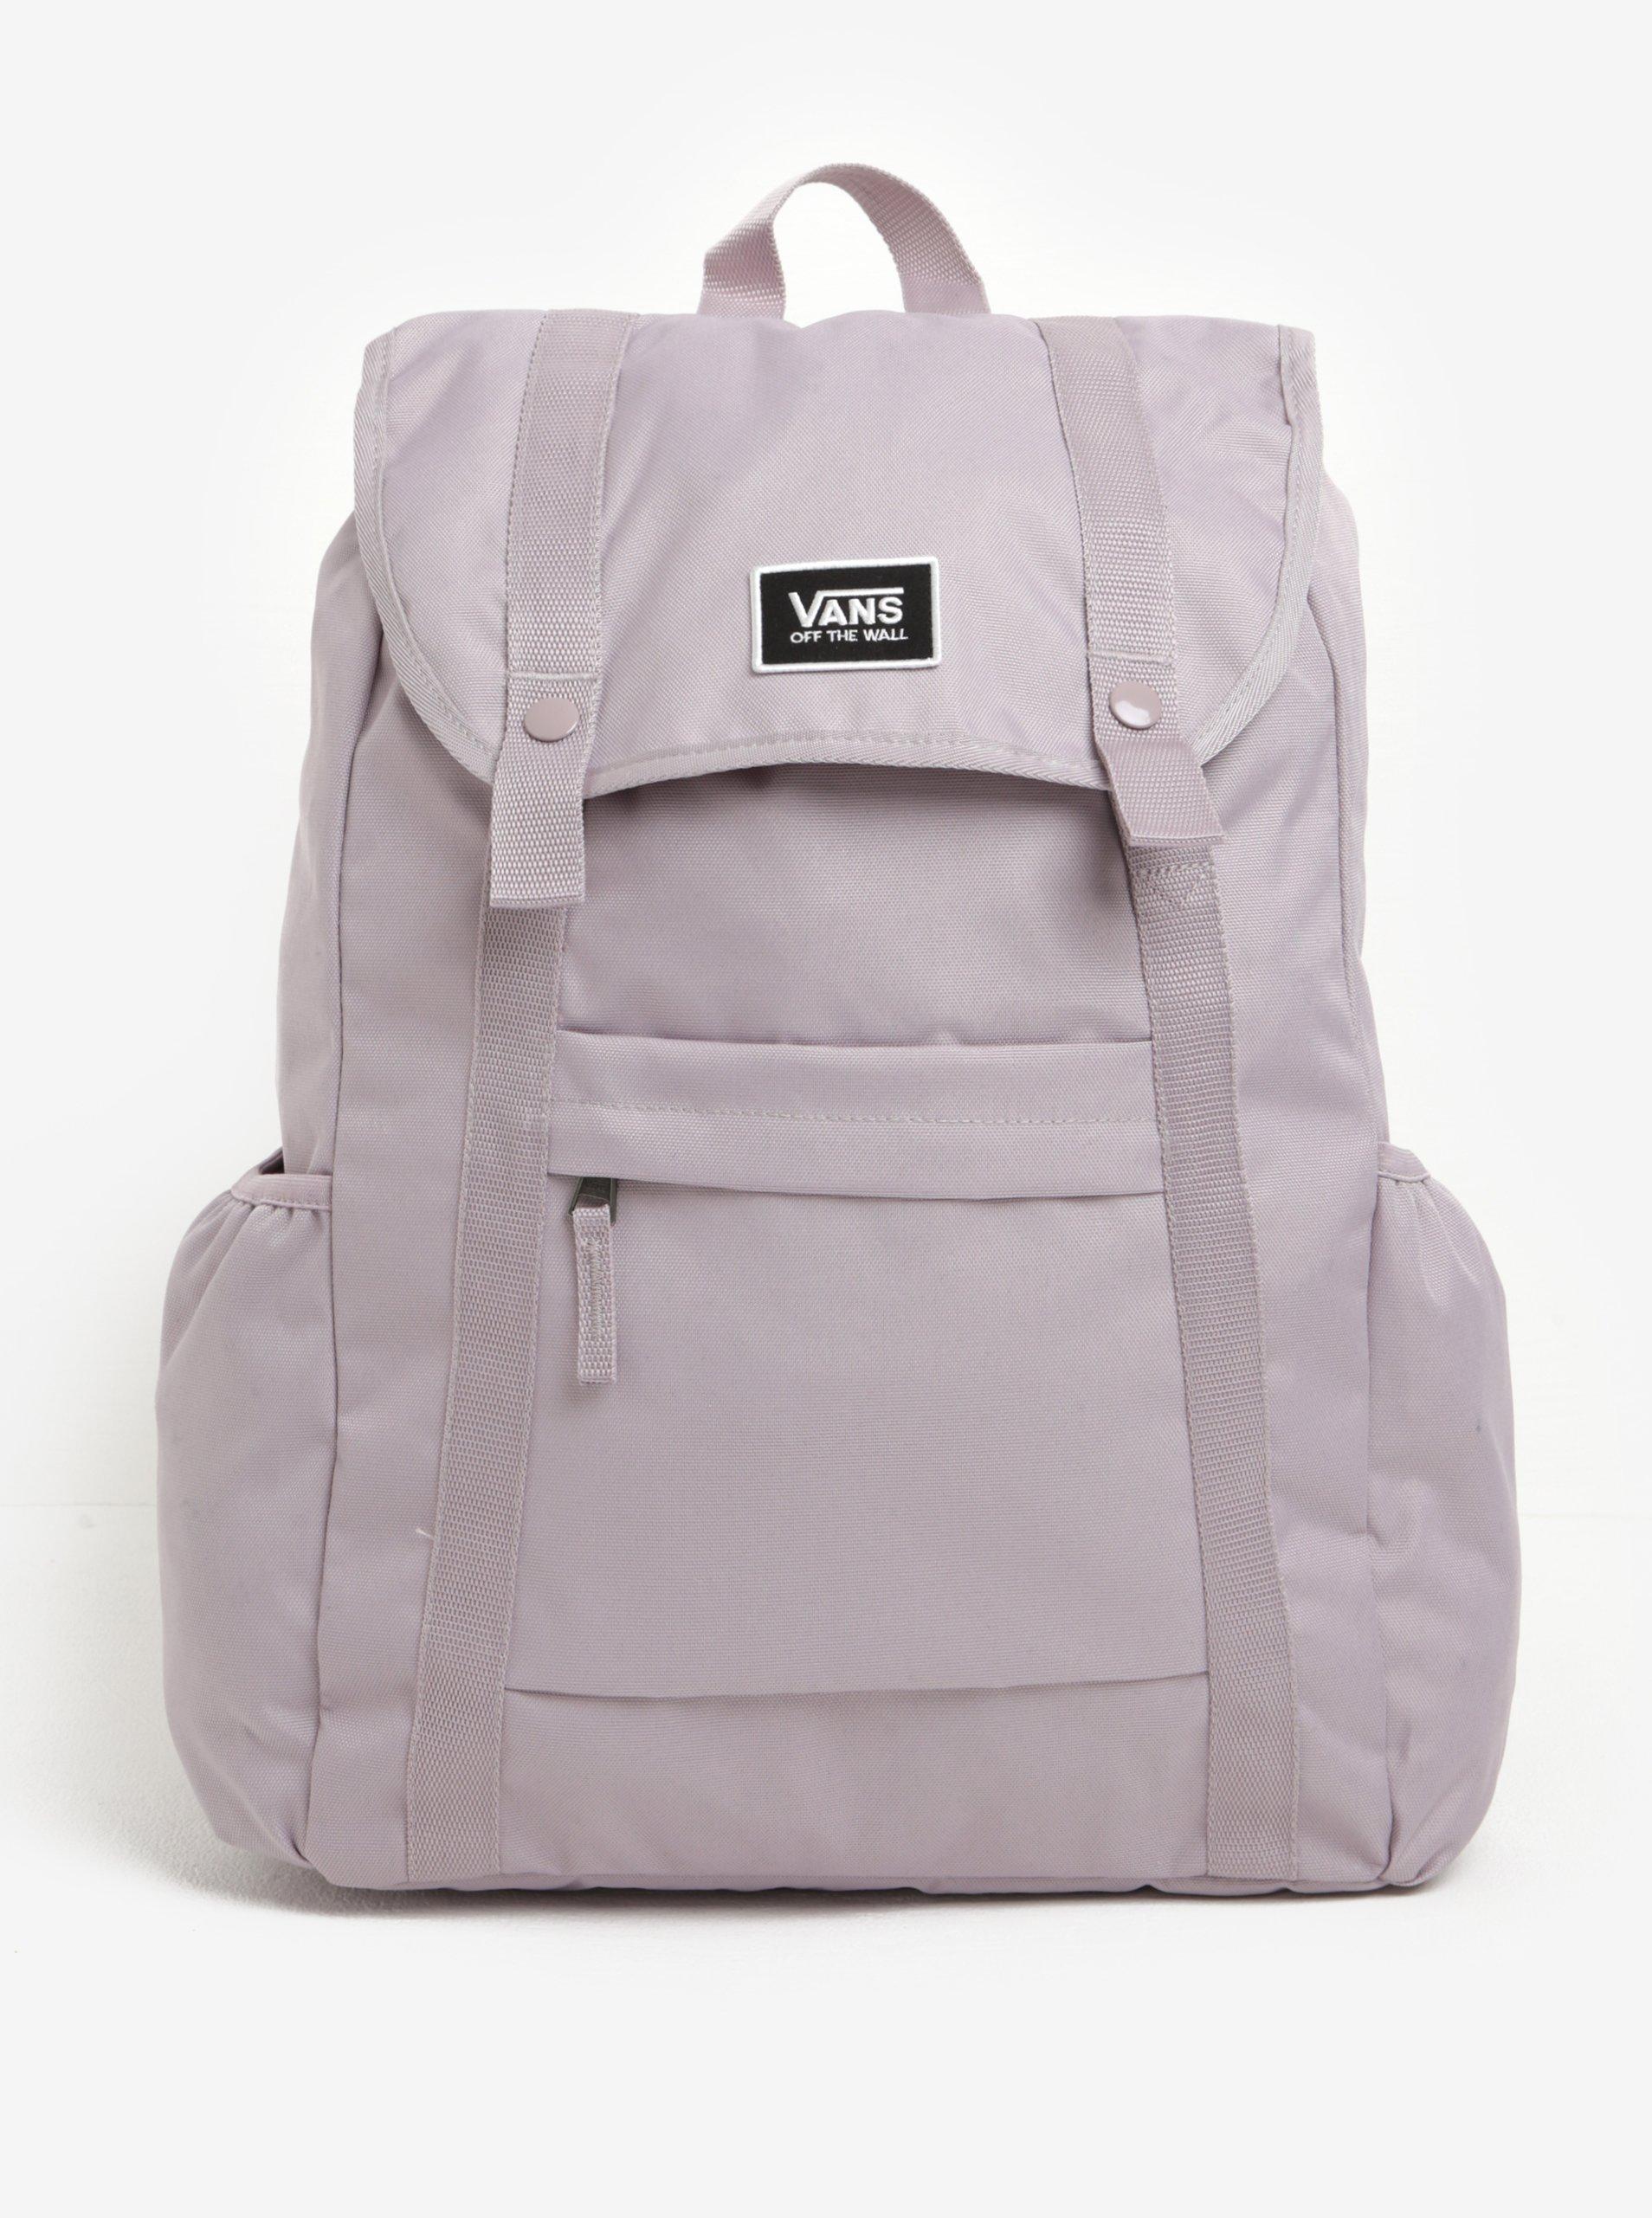 Světle růžový dámský batoh VANS Caravaner 23l